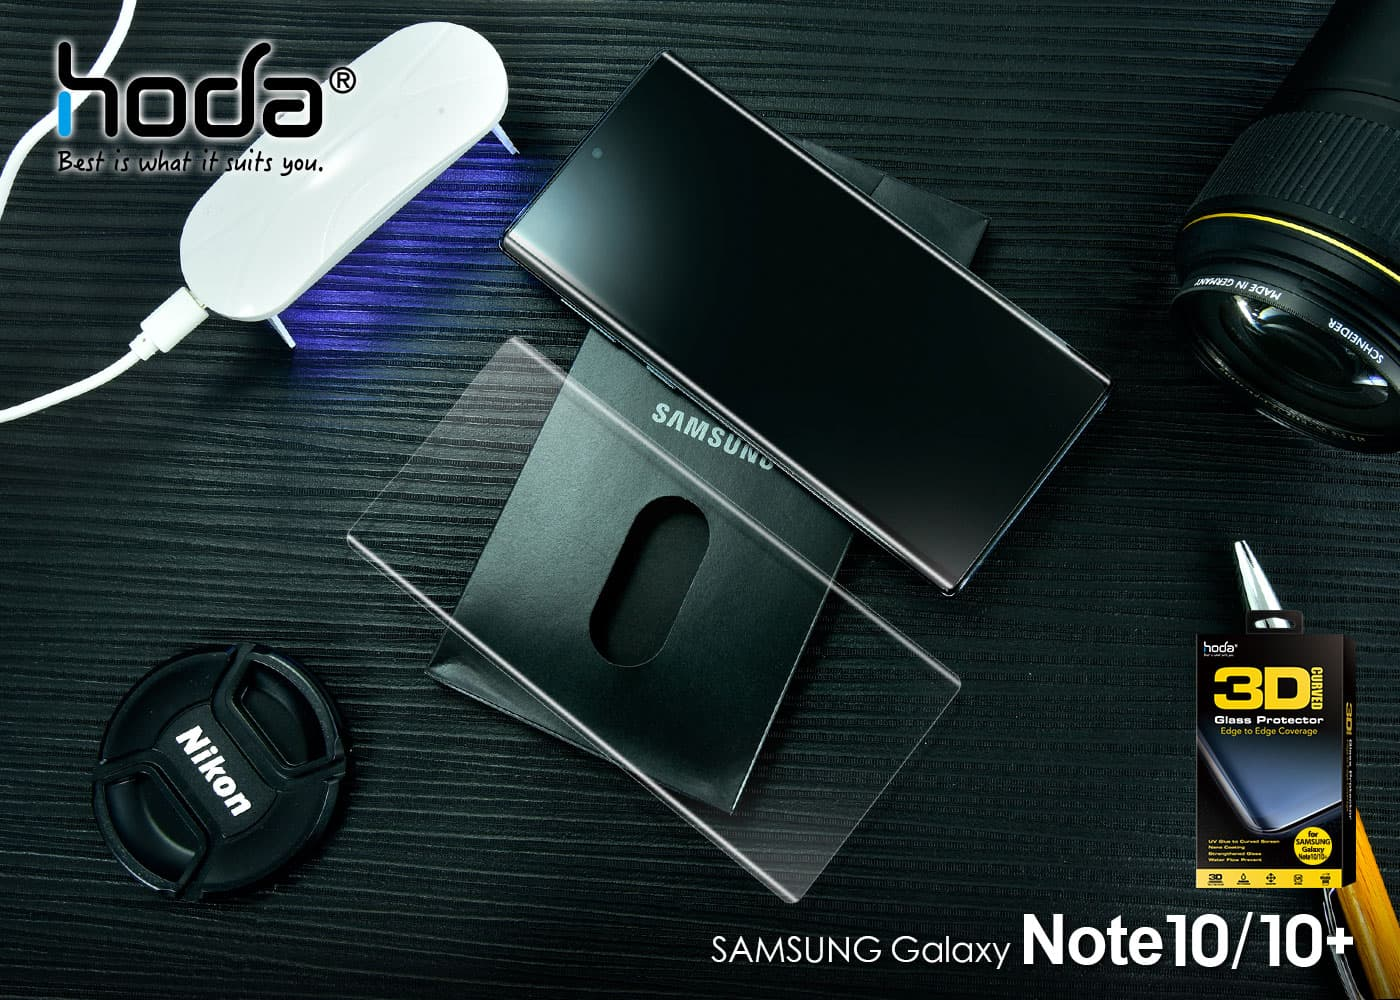 與O極限全螢幕最相配的玻璃貼!hoda隆重推出三星Note 10系列玻璃保護貼